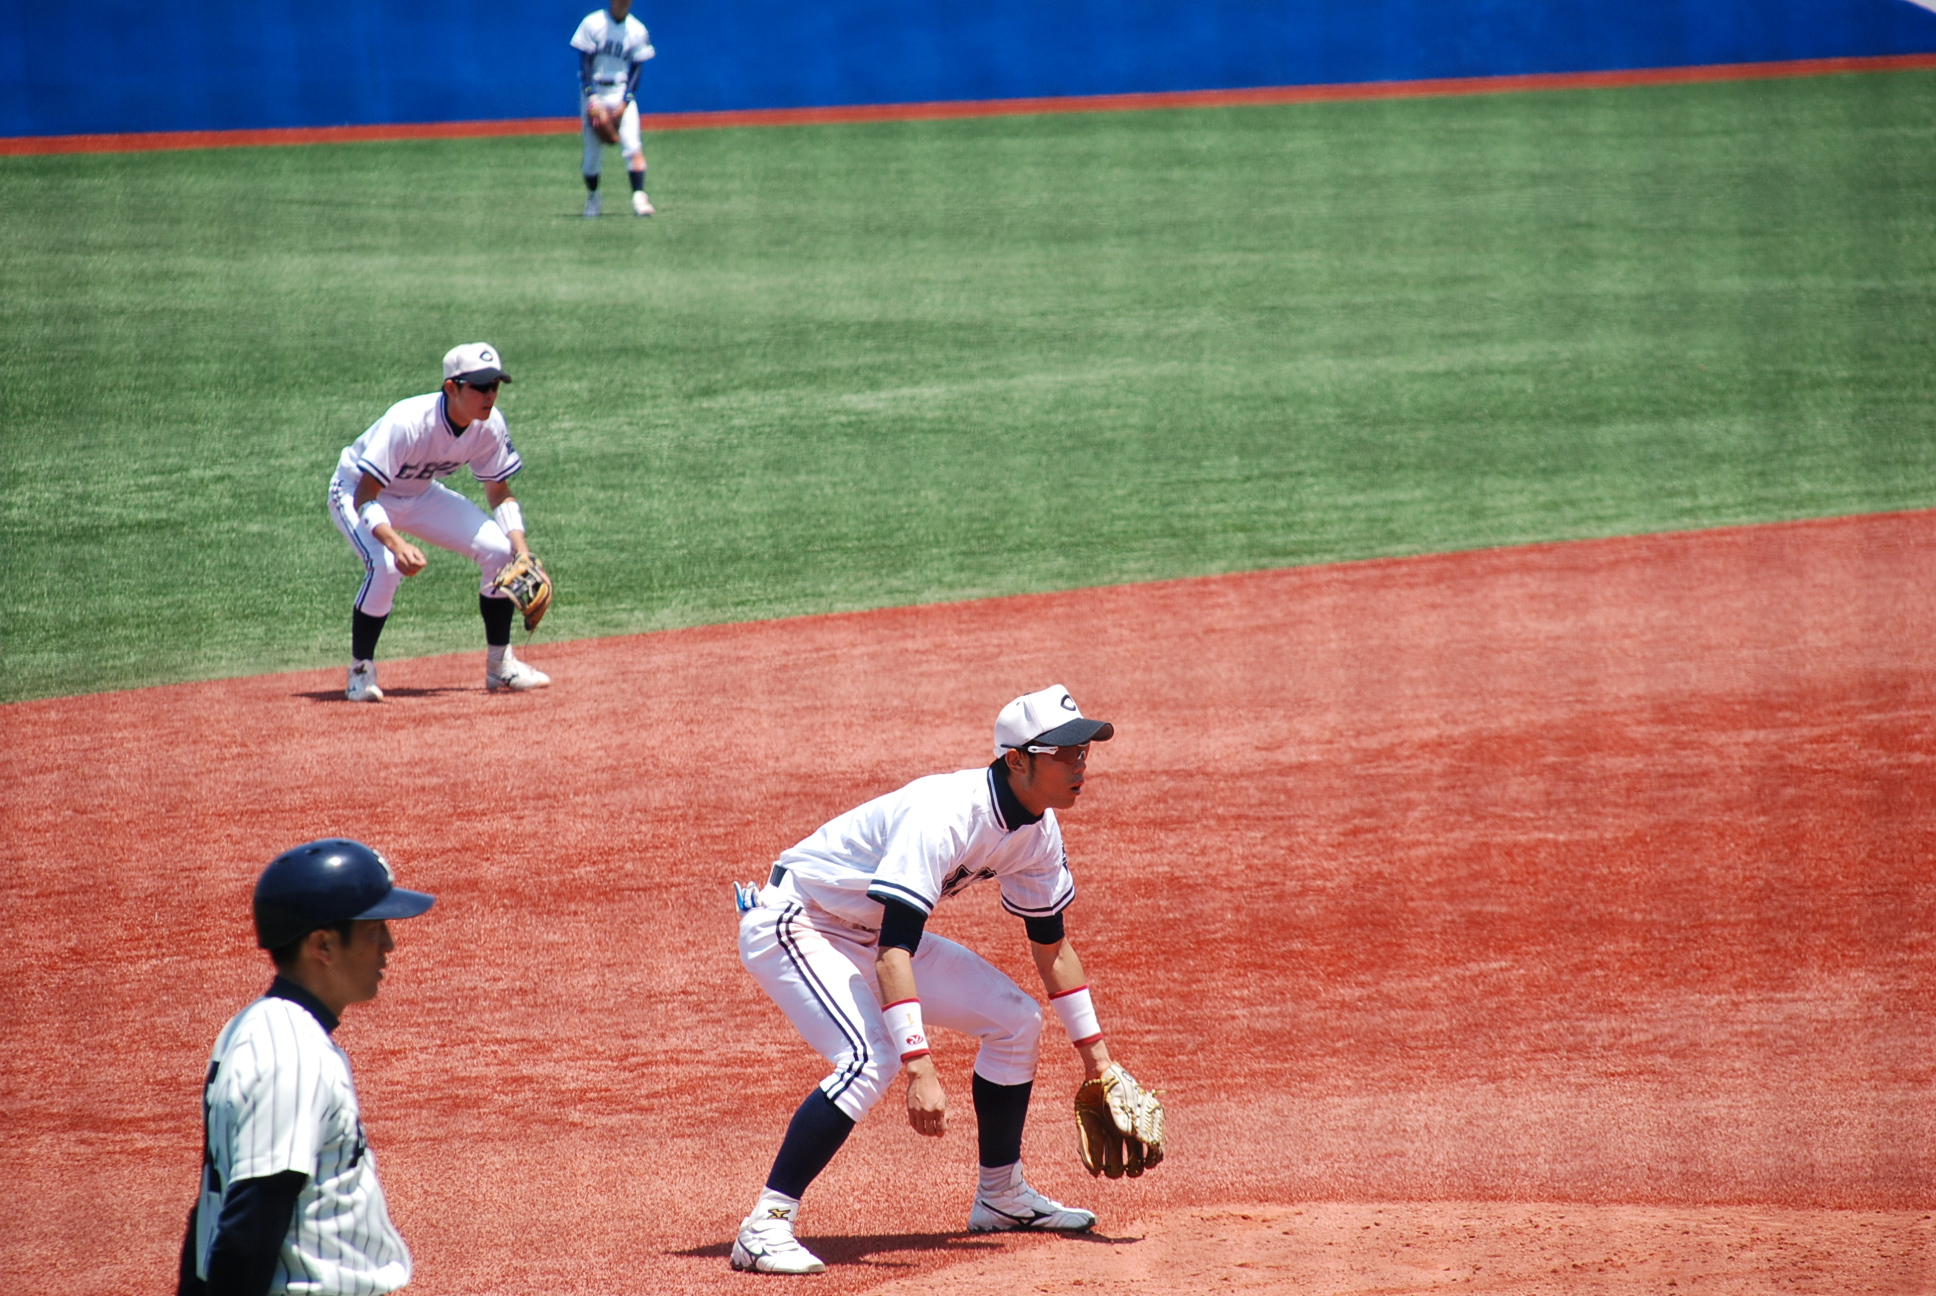 【東都大学野球連盟】高校球児のための東都大学 …